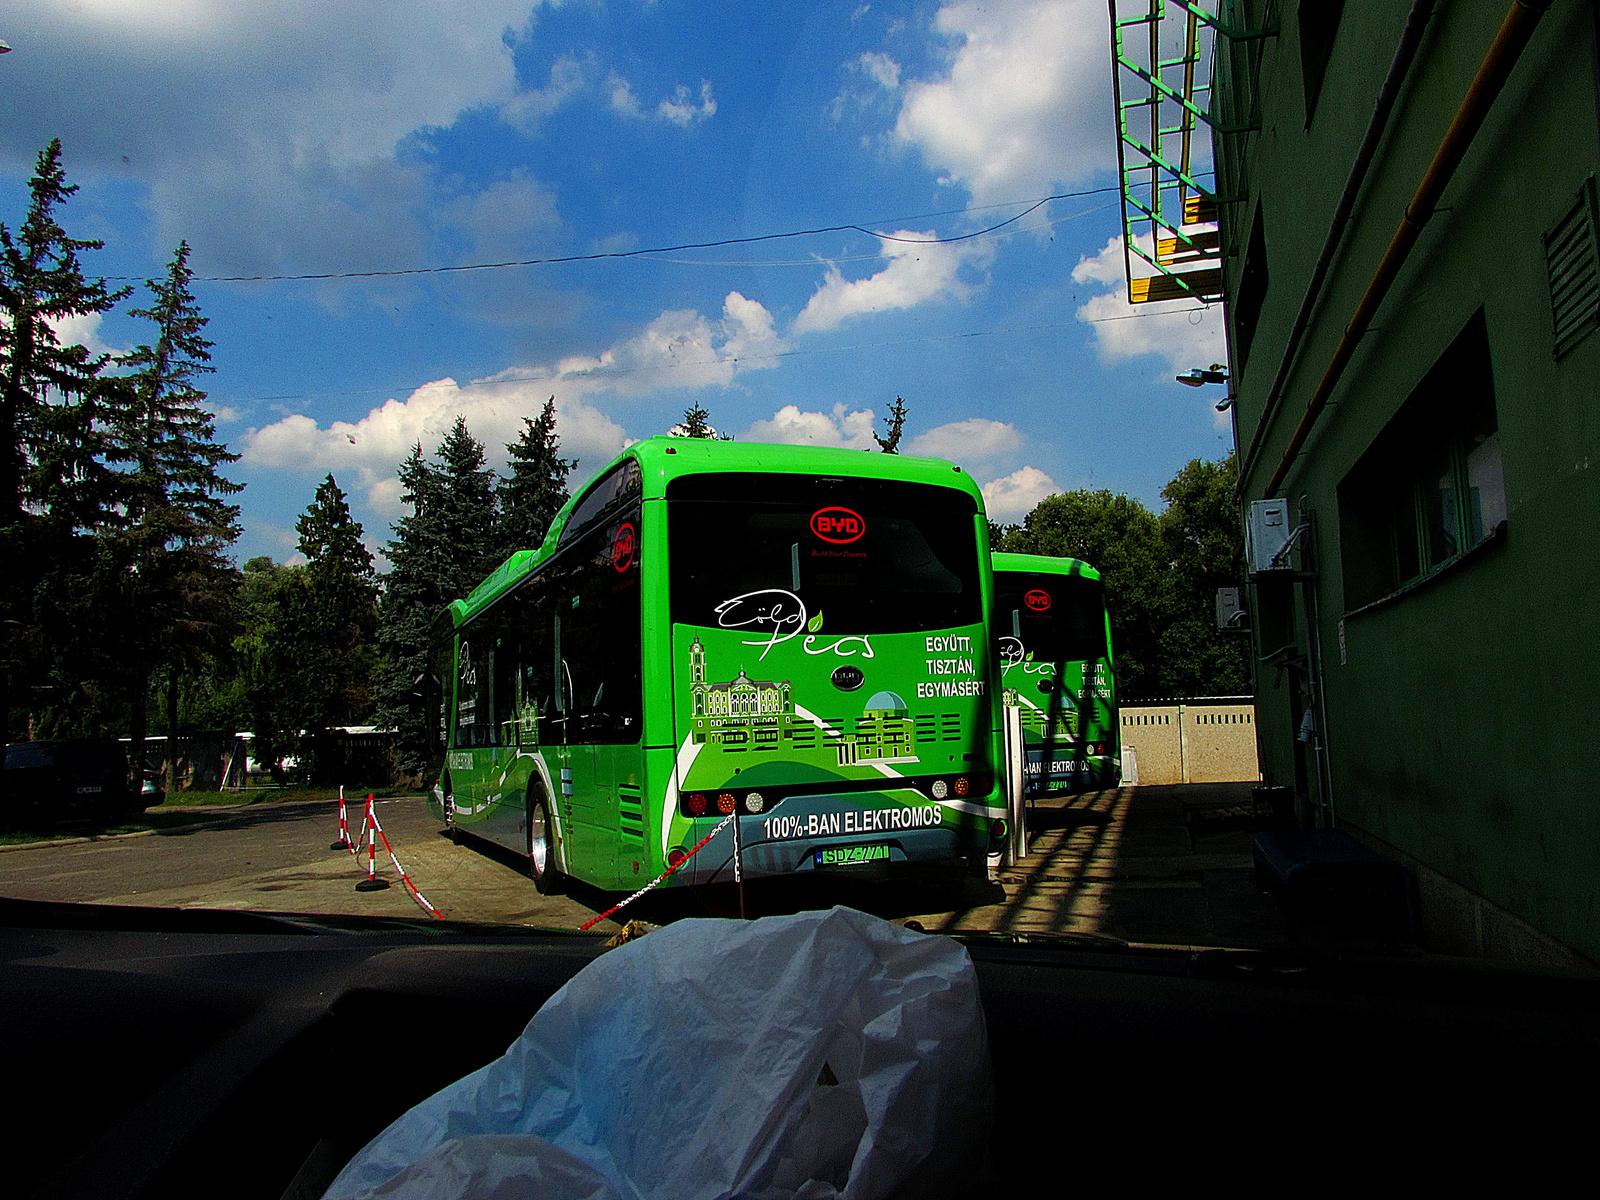 elektromos autóbusz